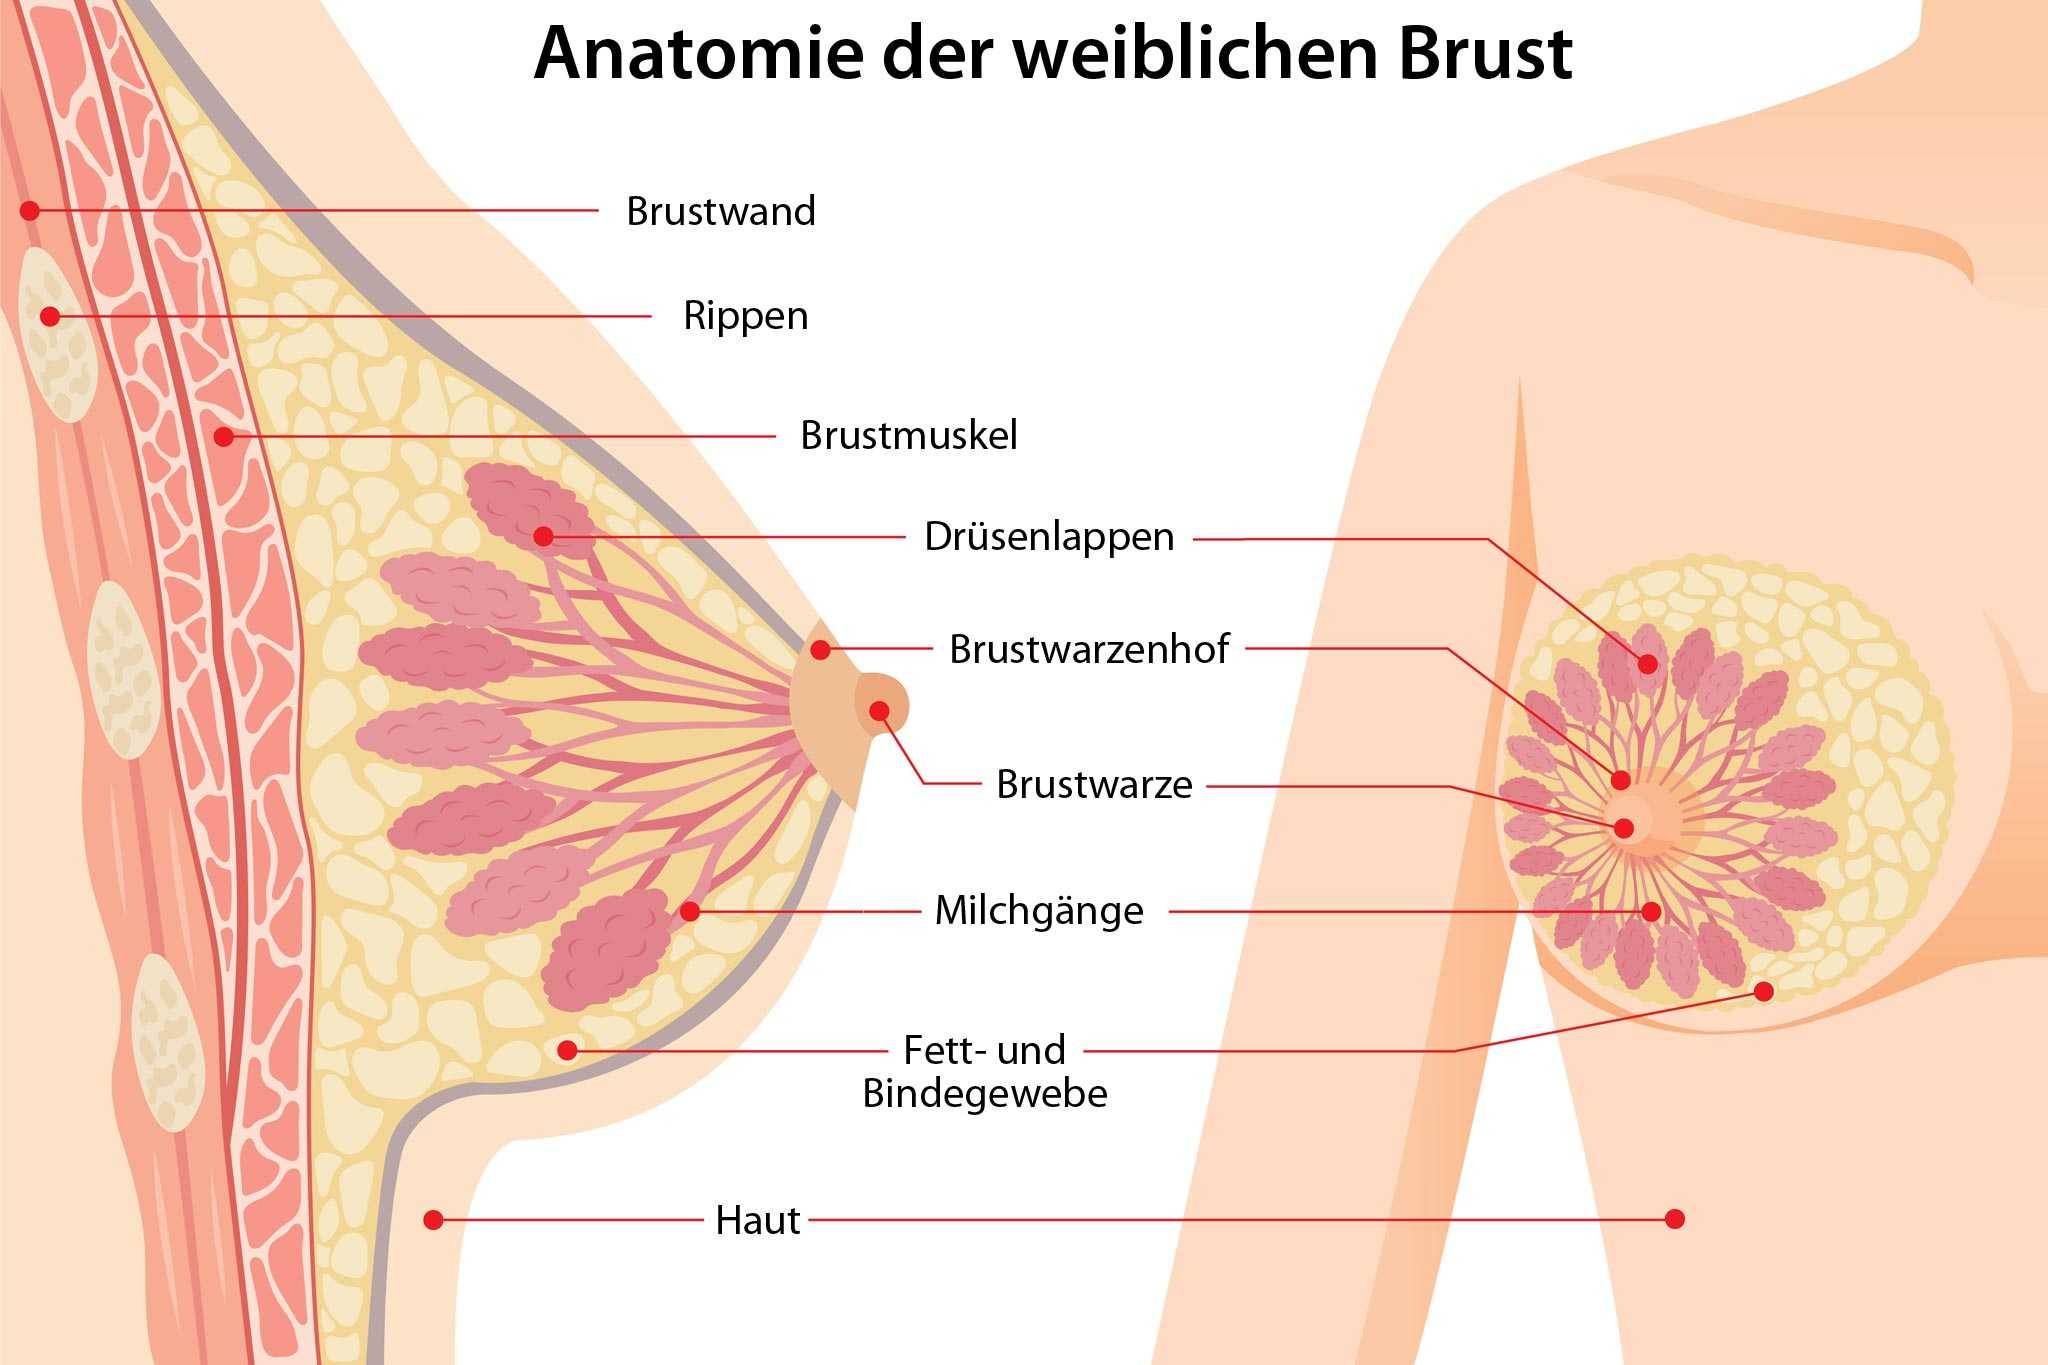 Brustwarze knubbel